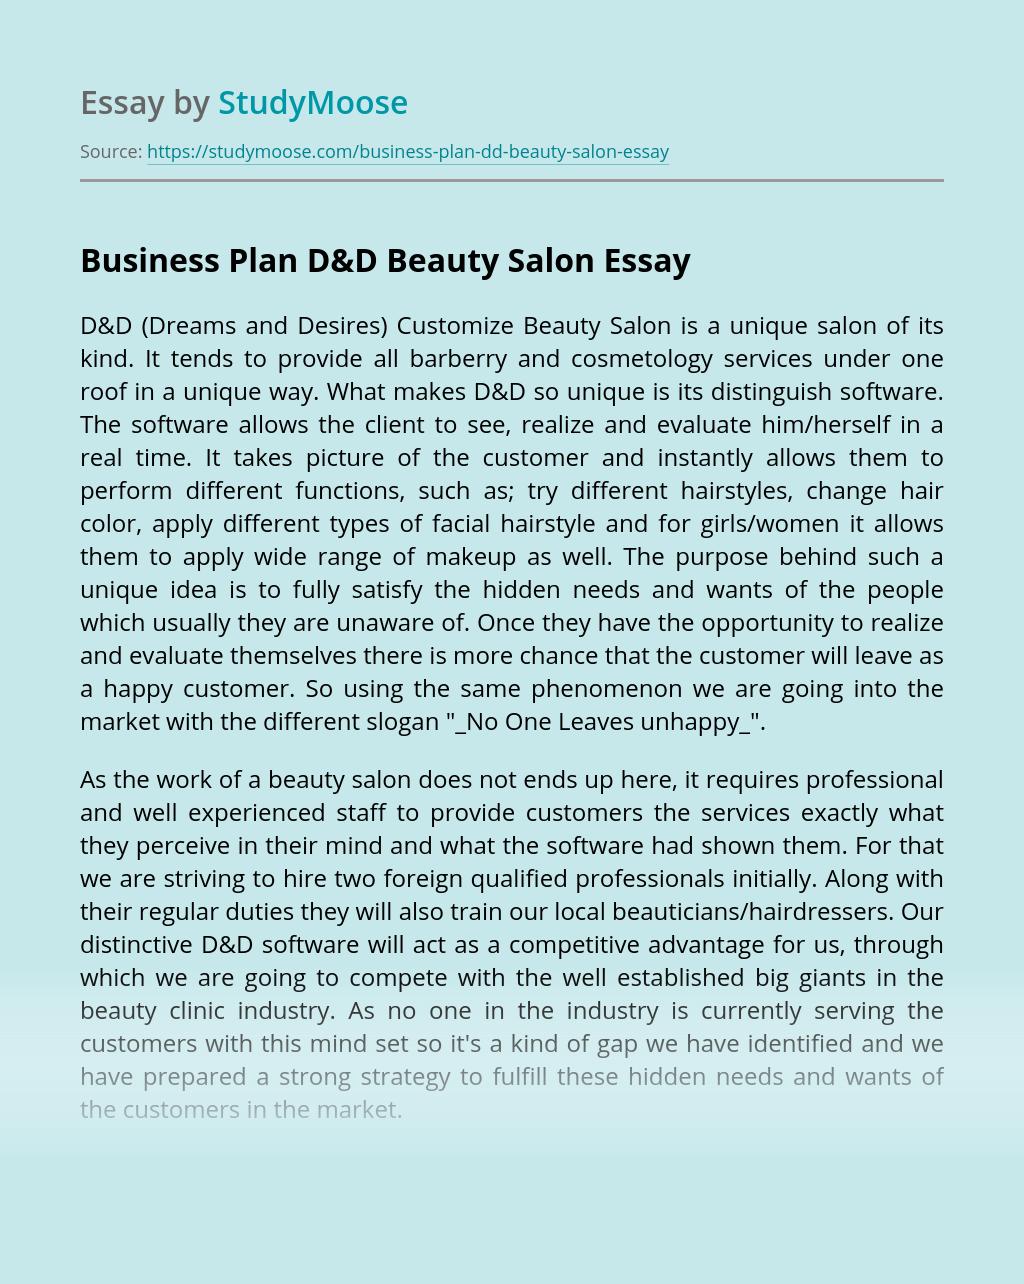 Business Plan D&D Beauty Salon